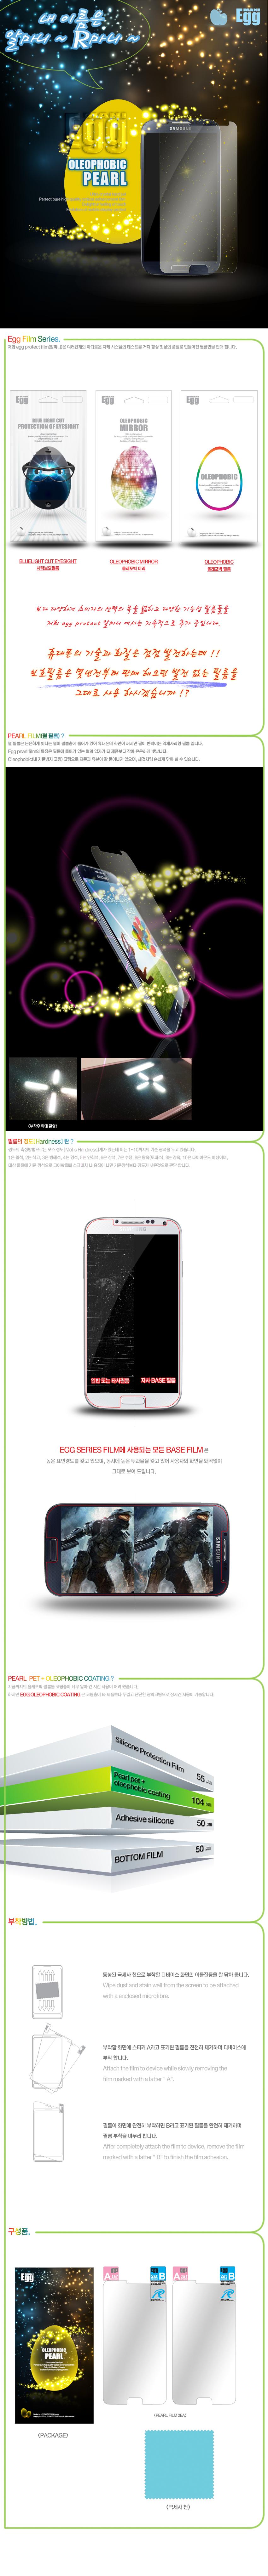 아이폰4S (EGG) 올레포빅 골드펄필름4,500원-엘피아이디지털, 애플, 필름/스킨, 아이폰4/4S바보사랑아이폰4S (EGG) 올레포빅 골드펄필름4,500원-엘피아이디지털, 애플, 필름/스킨, 아이폰4/4S바보사랑